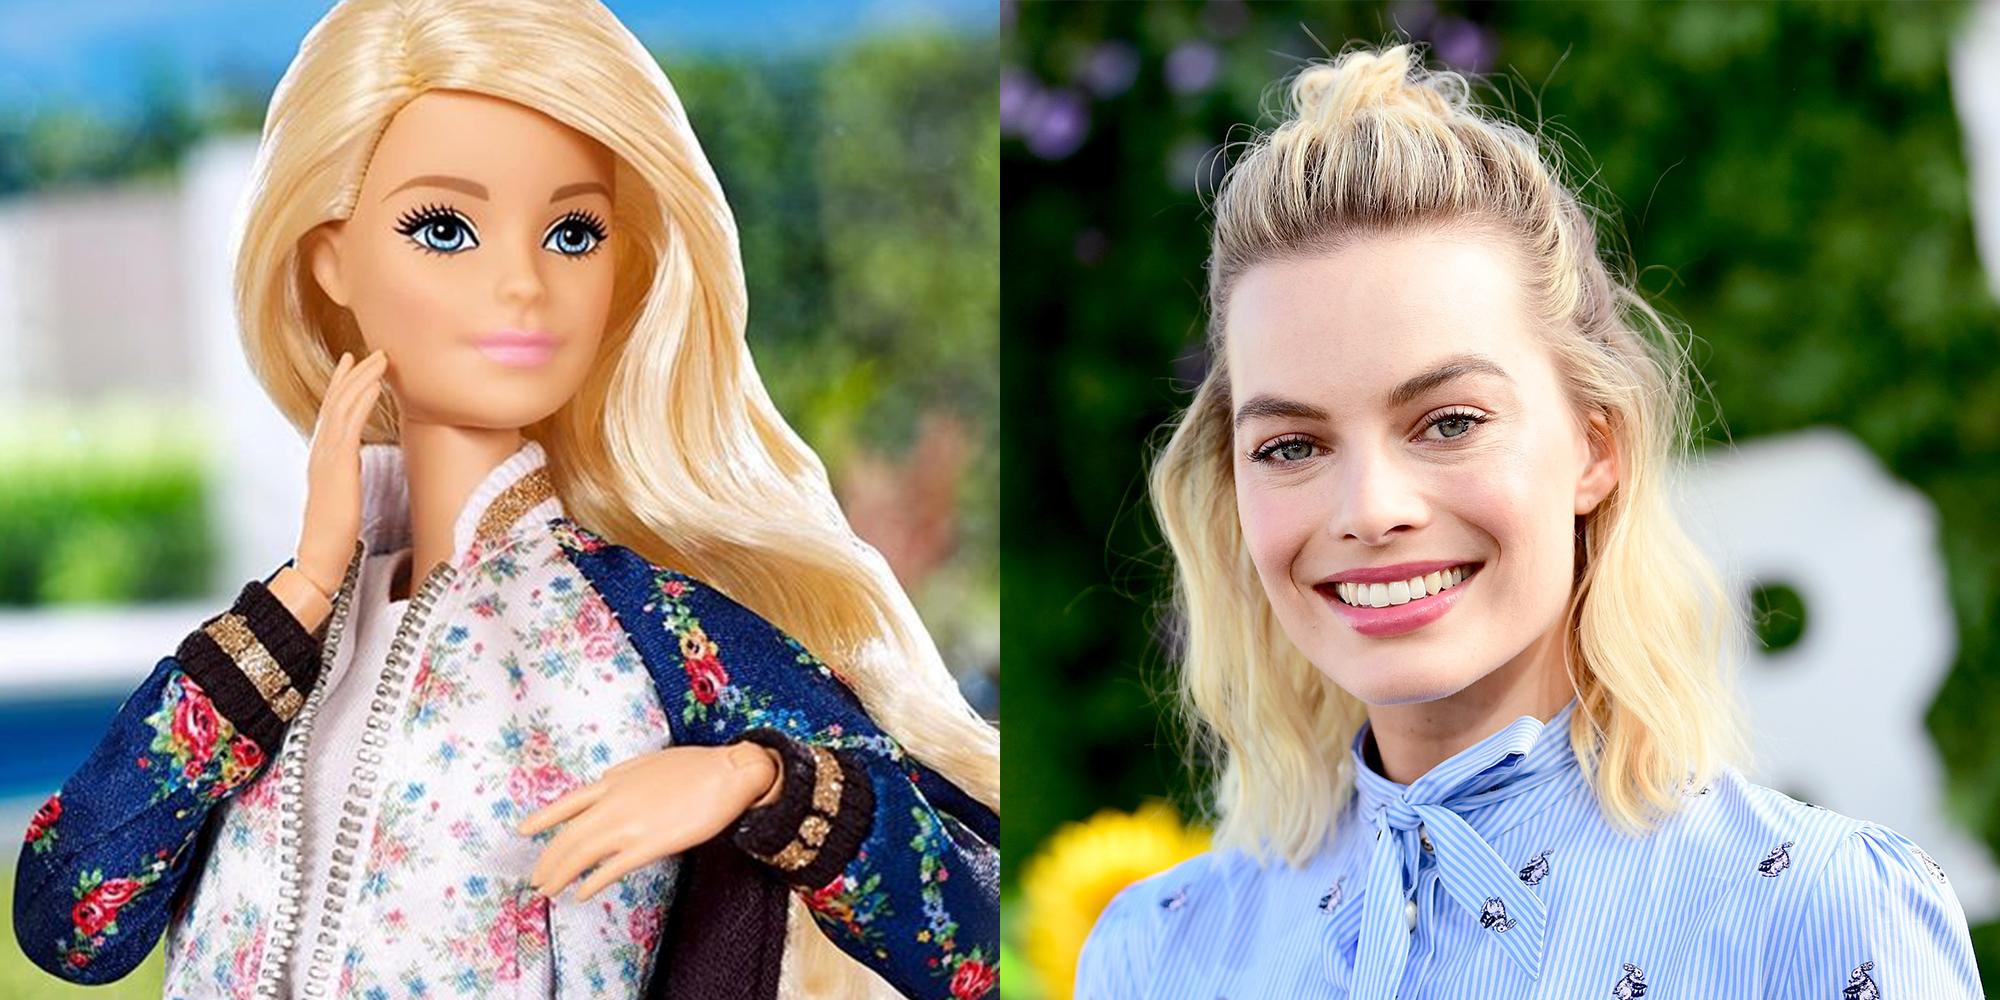 Christmas Under Wraps Cast.Barbie Live Action Movie Cast Premiere Date Trailer Photos